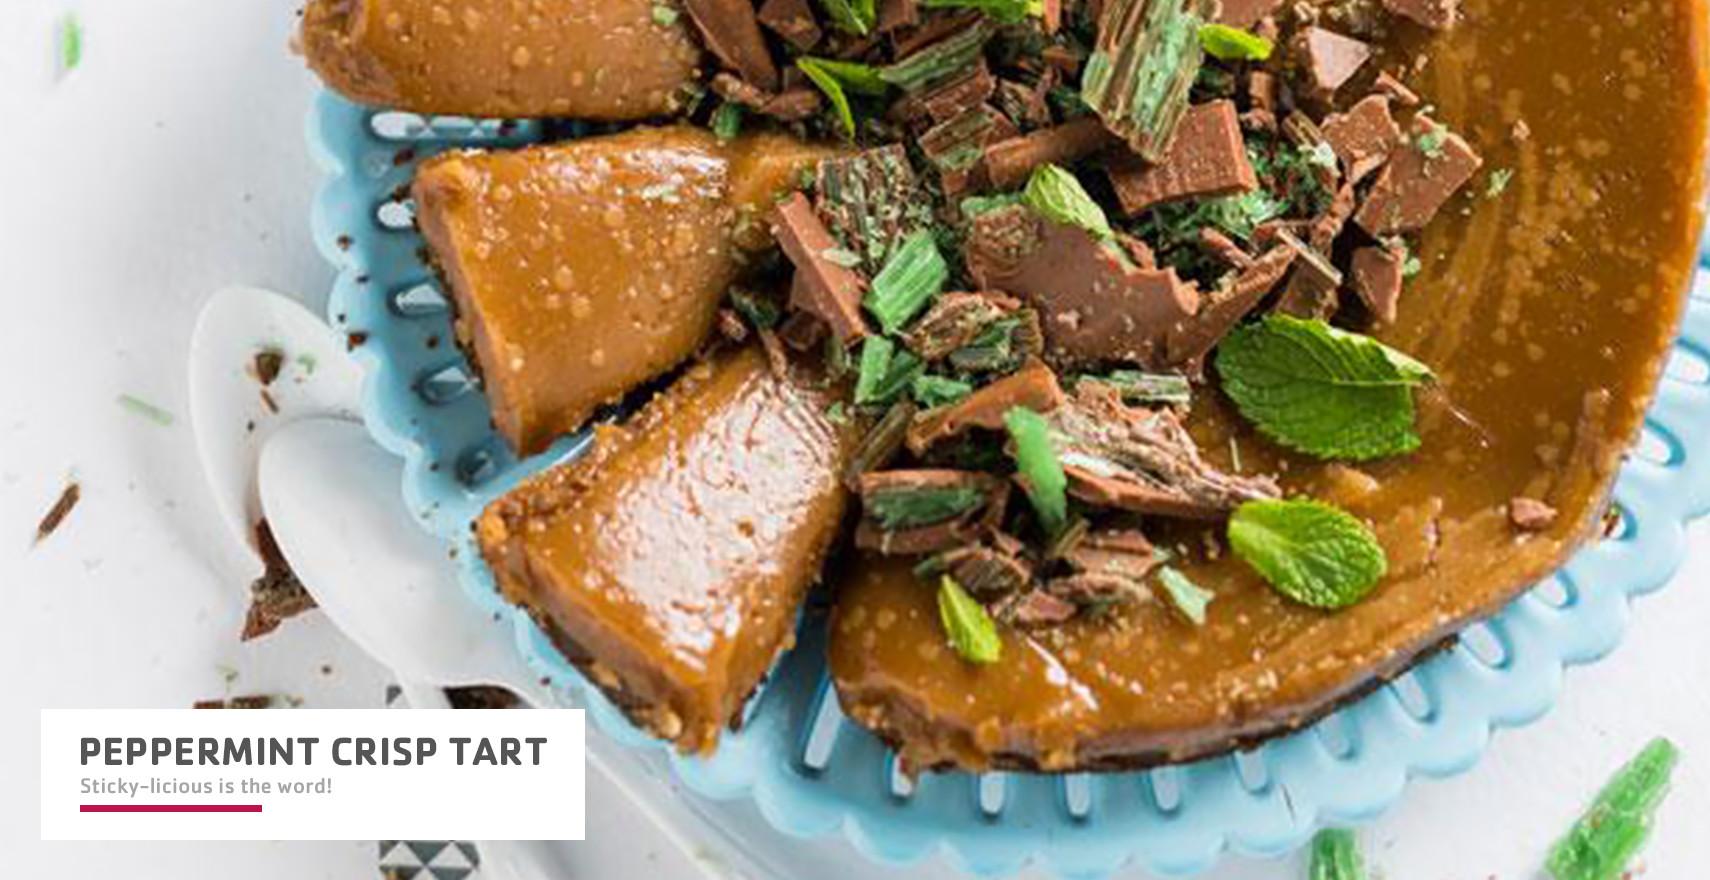 Dessert-Peppermint Crisp Tart.jpg